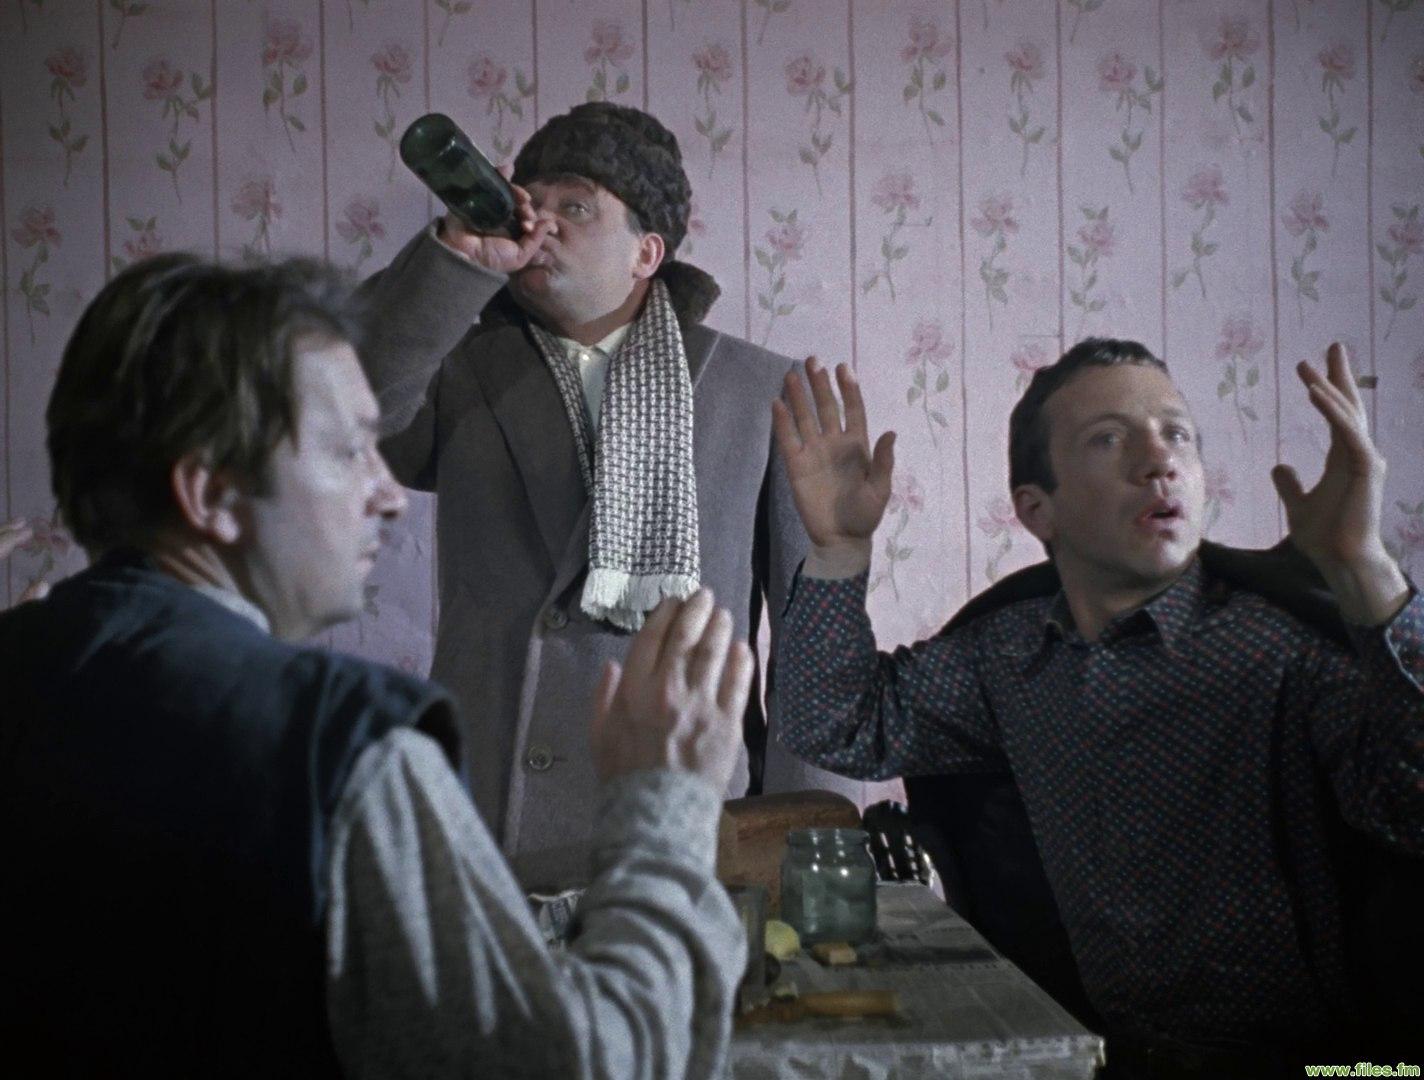 полицейский обыск в квартире что делать во время обыска советы отвратительные мужики disgusting men